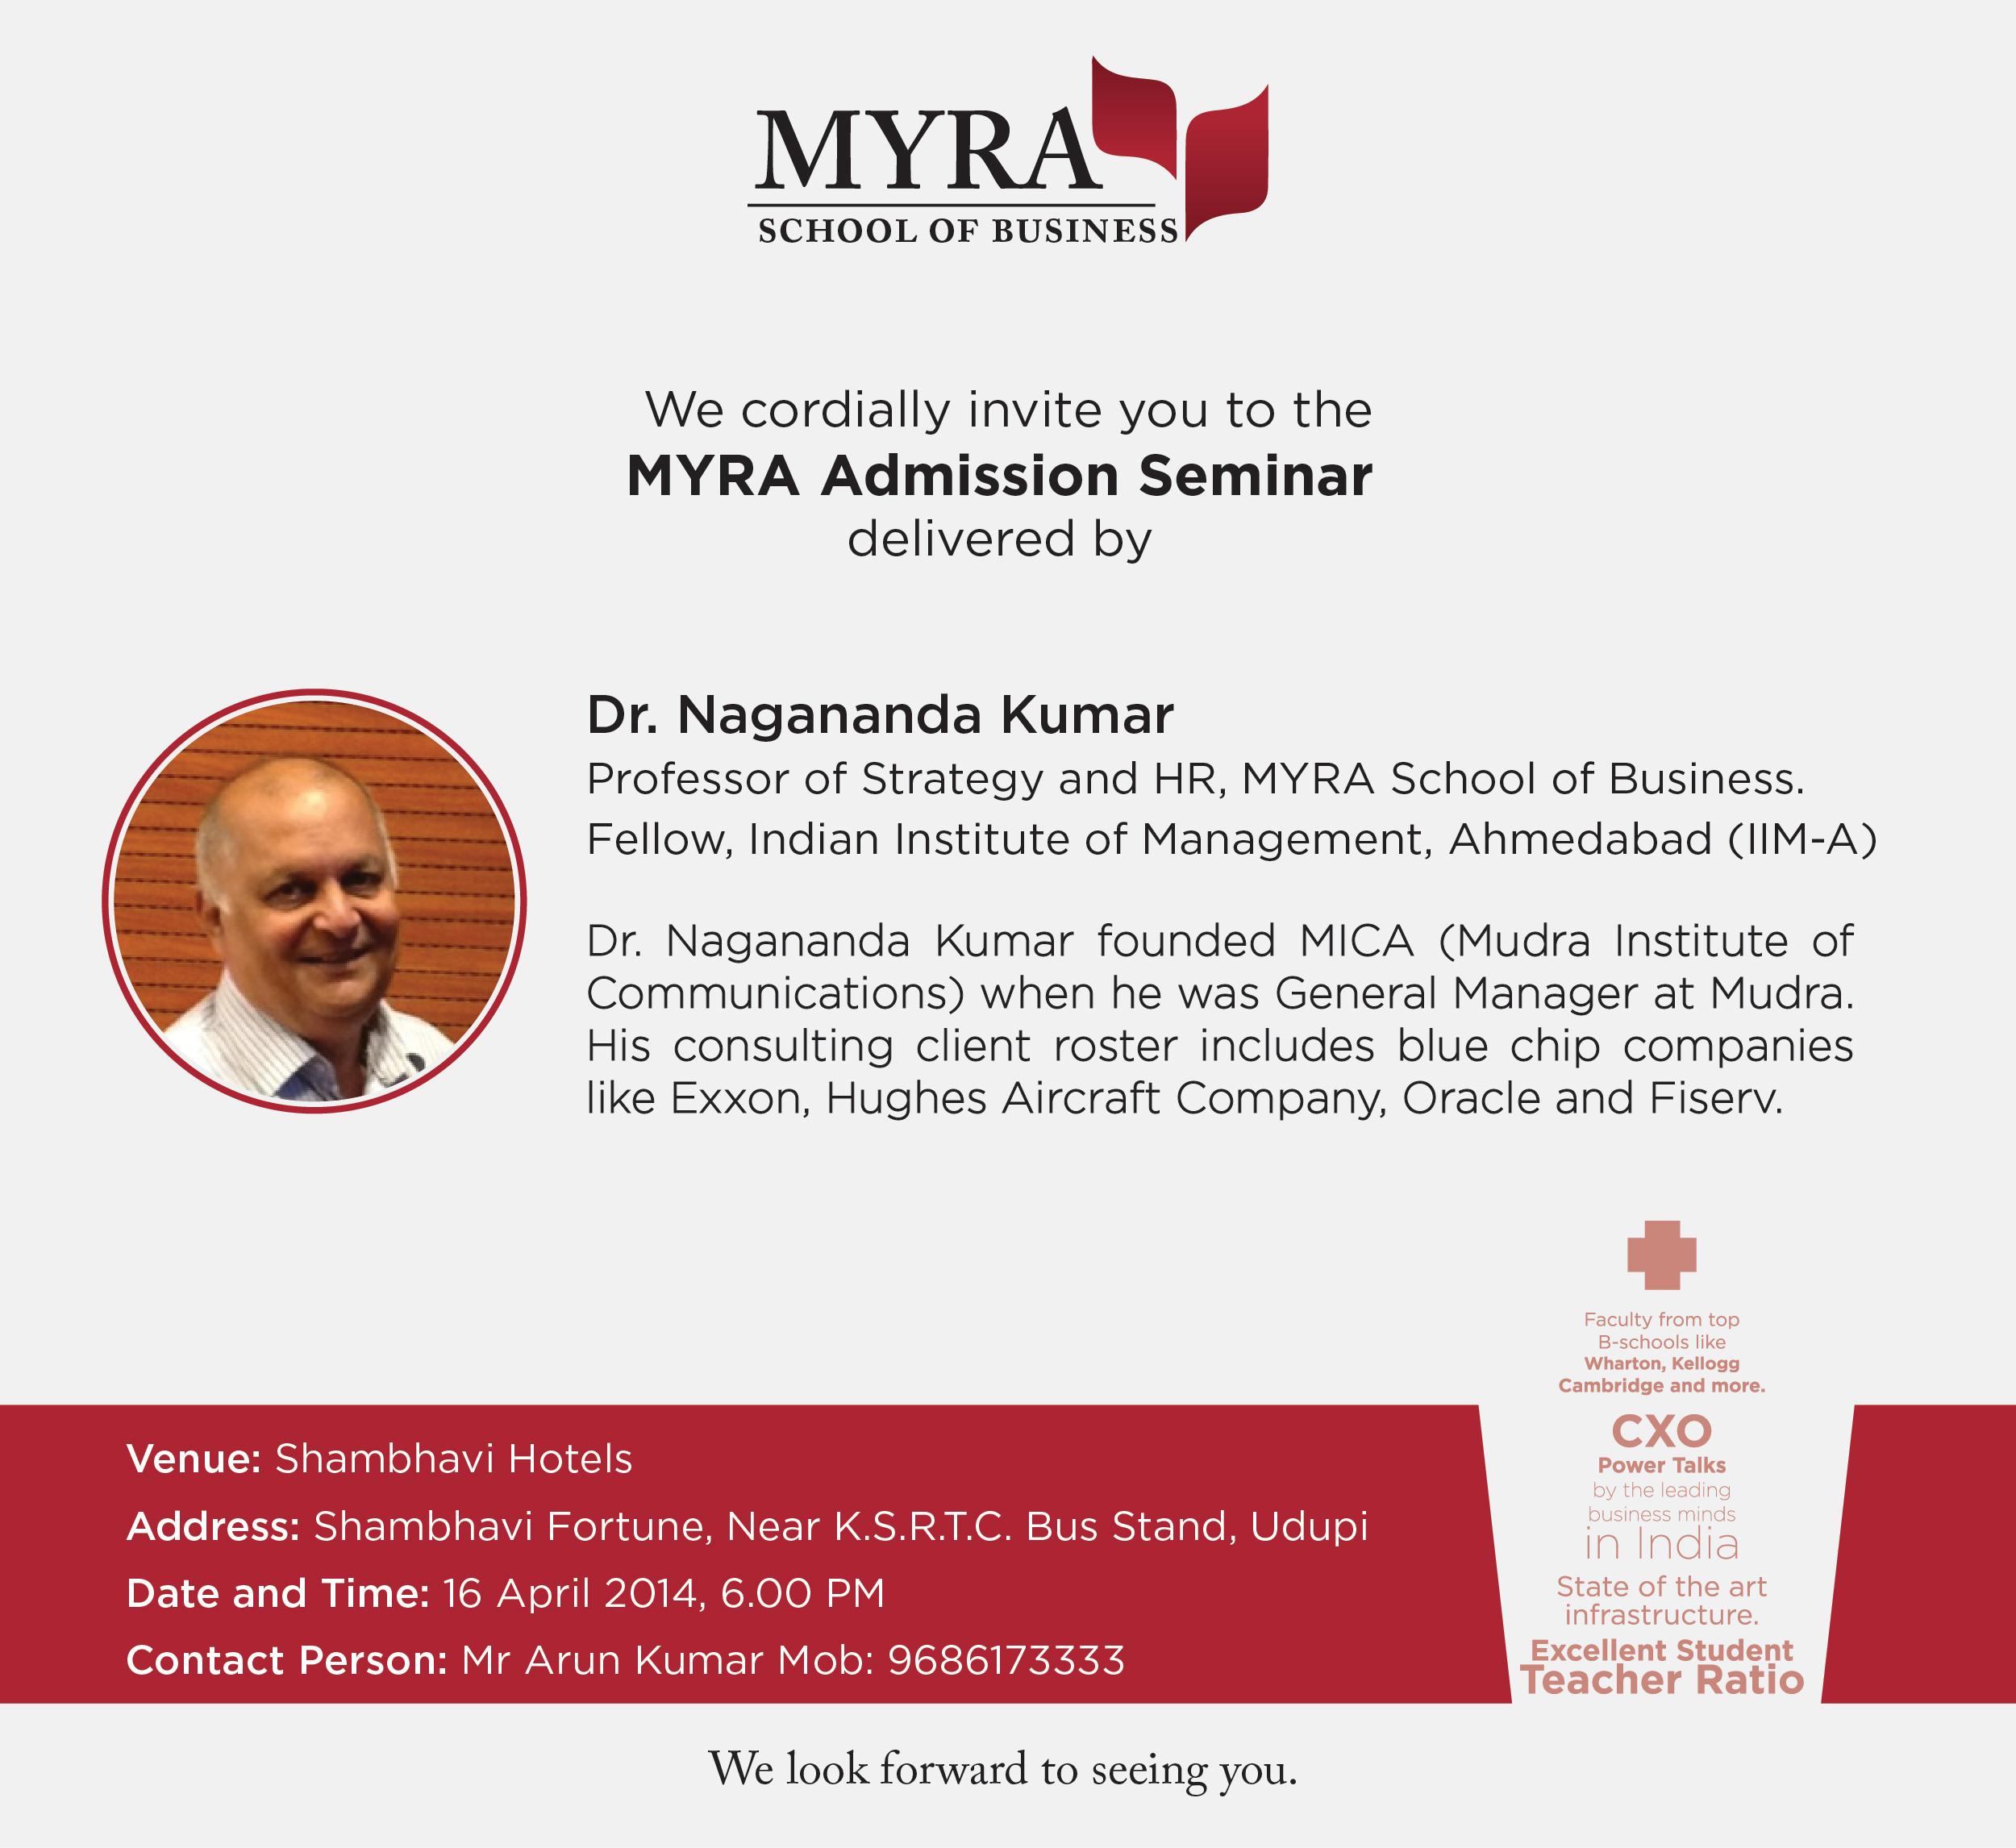 MYRA-AdmissionSeminar-Udupi_invite